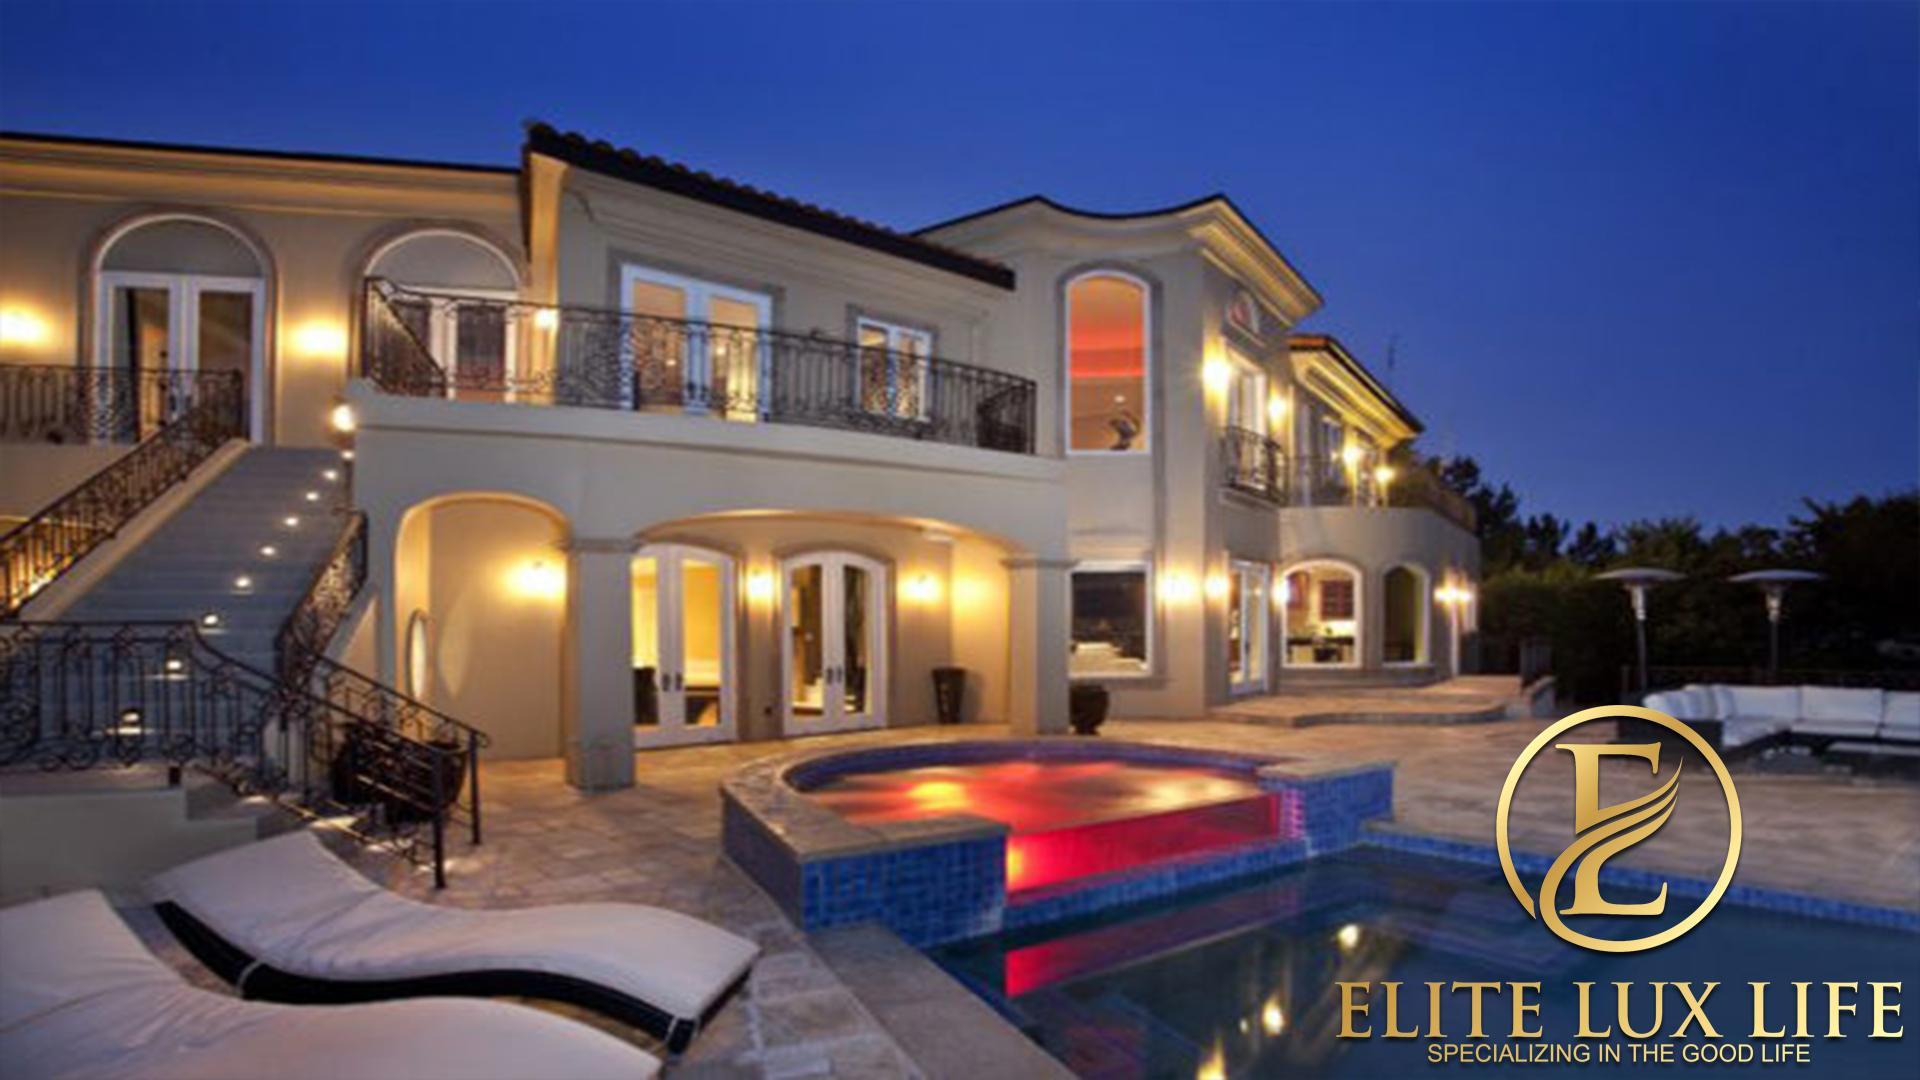 Shangri La Elite